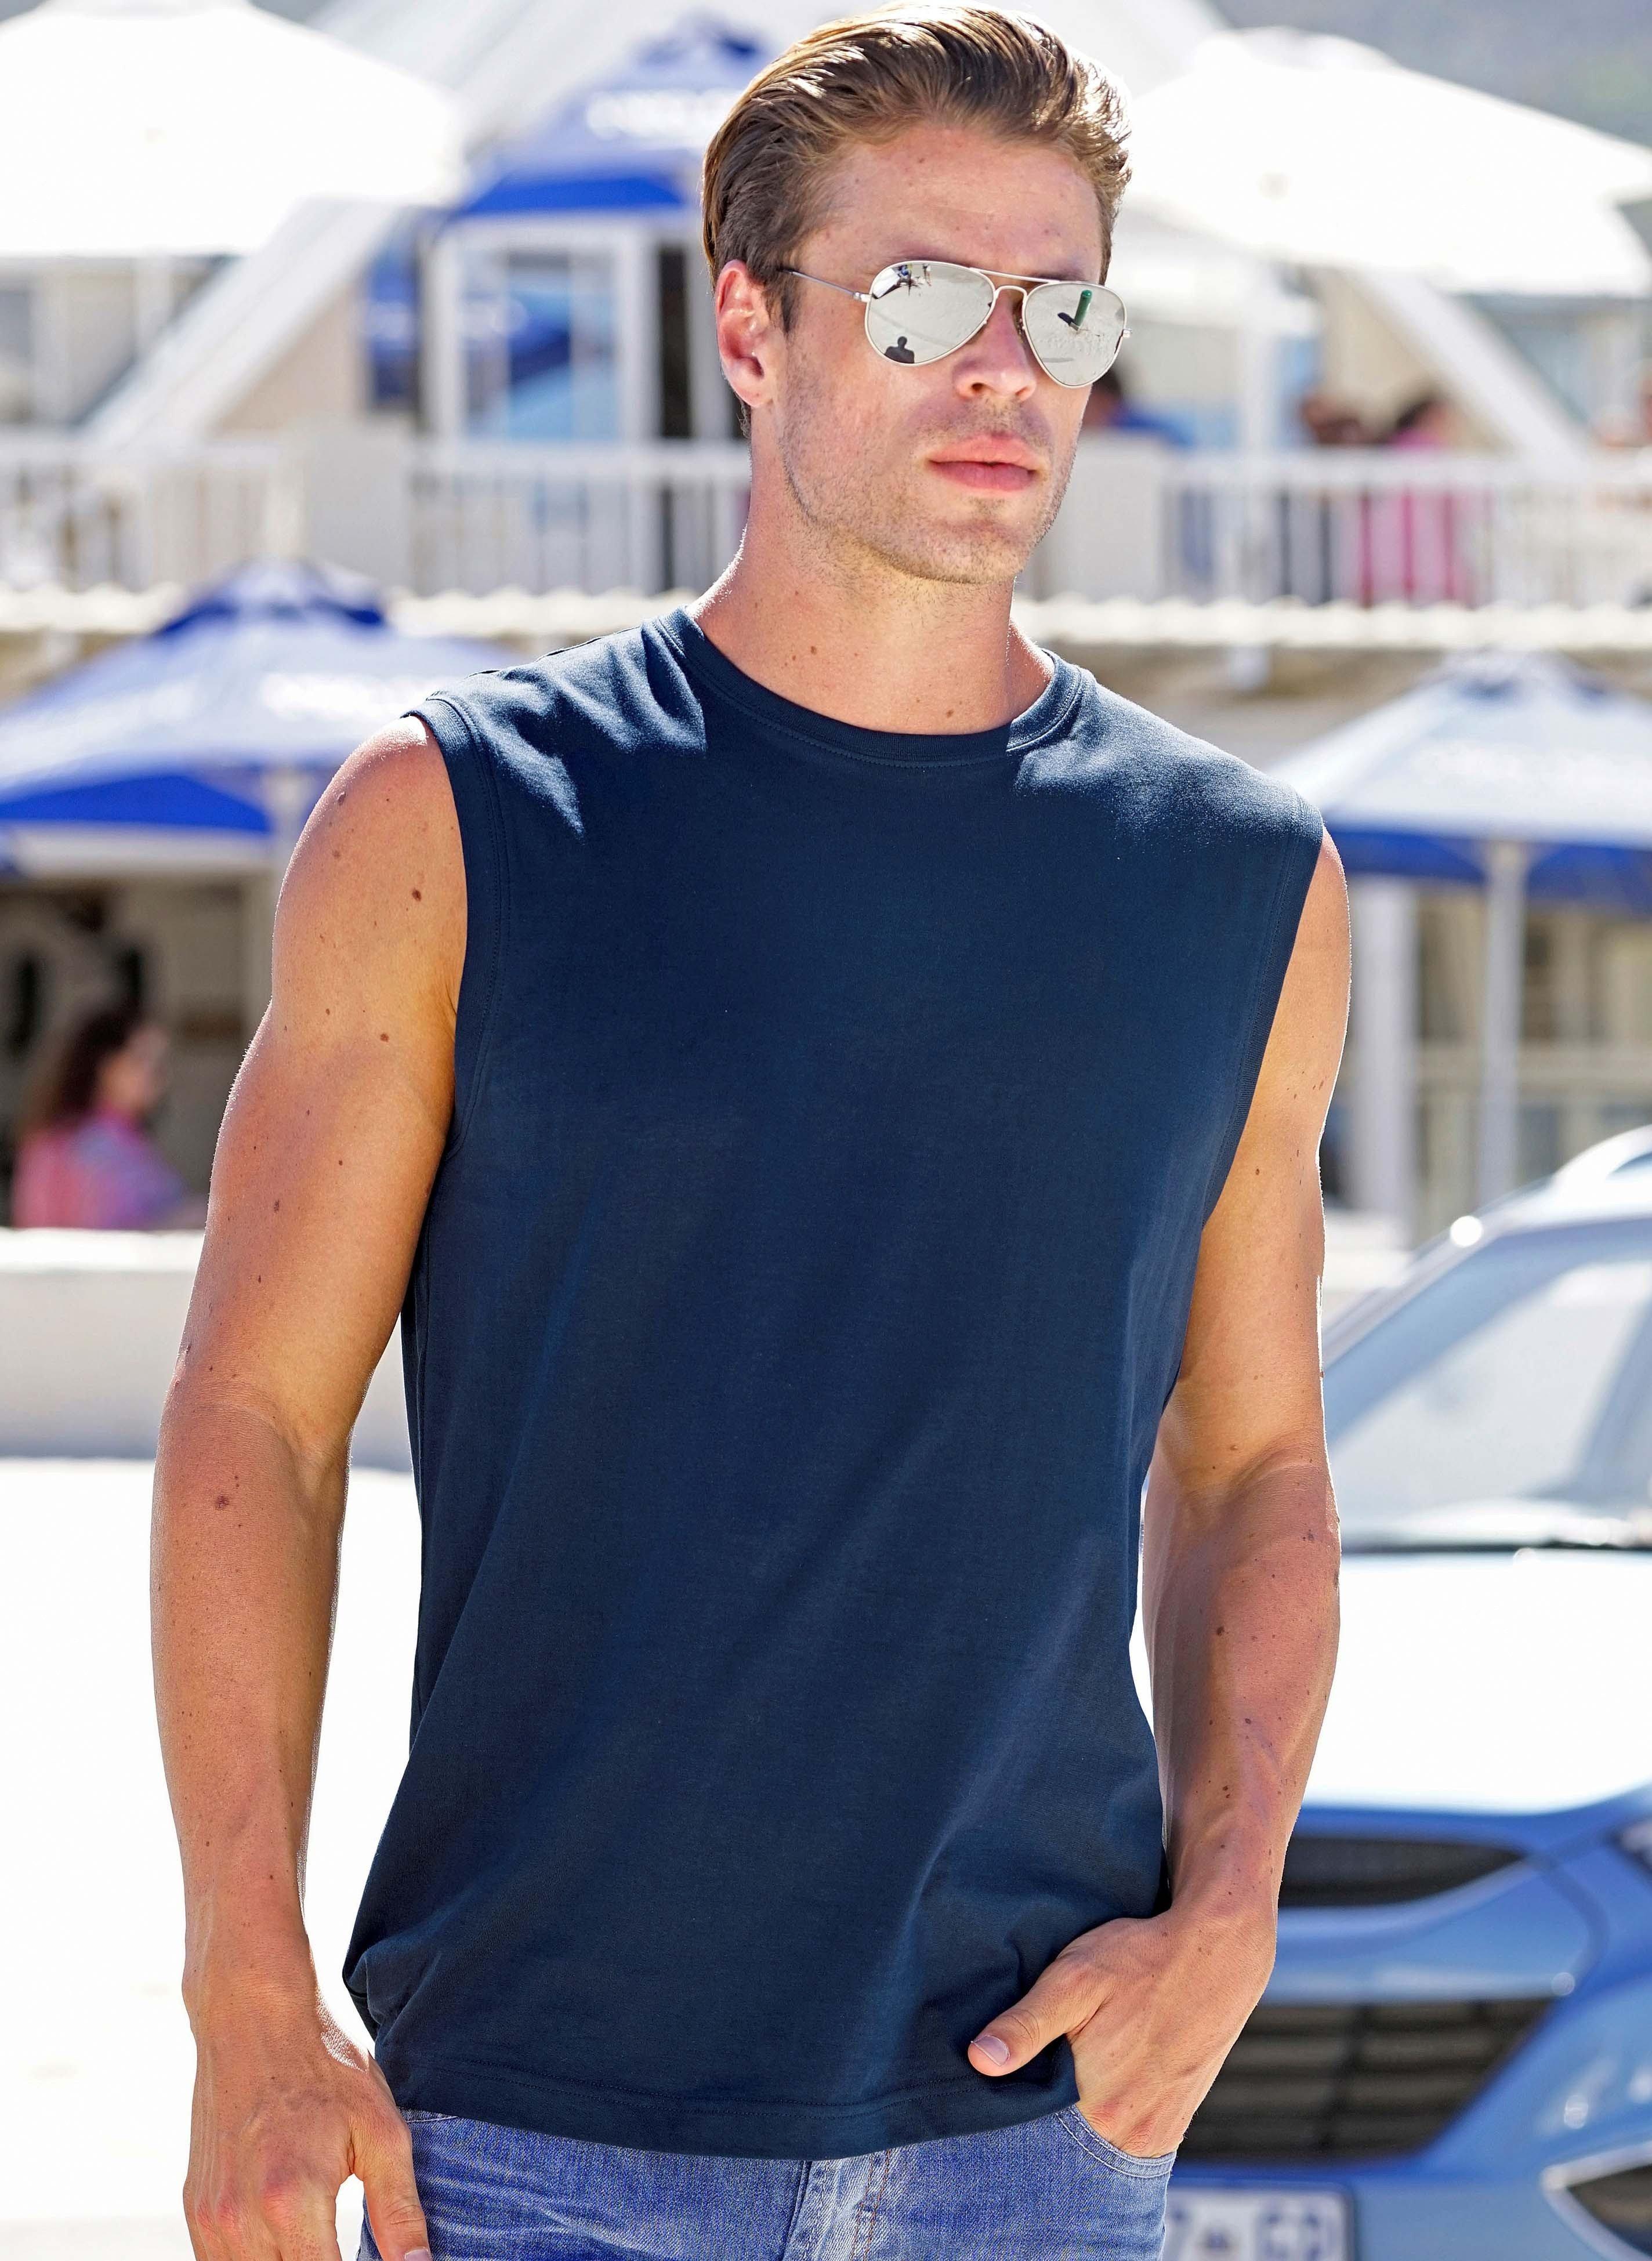 Herren-Muskel-Shirt erhätlich in 7 Farben